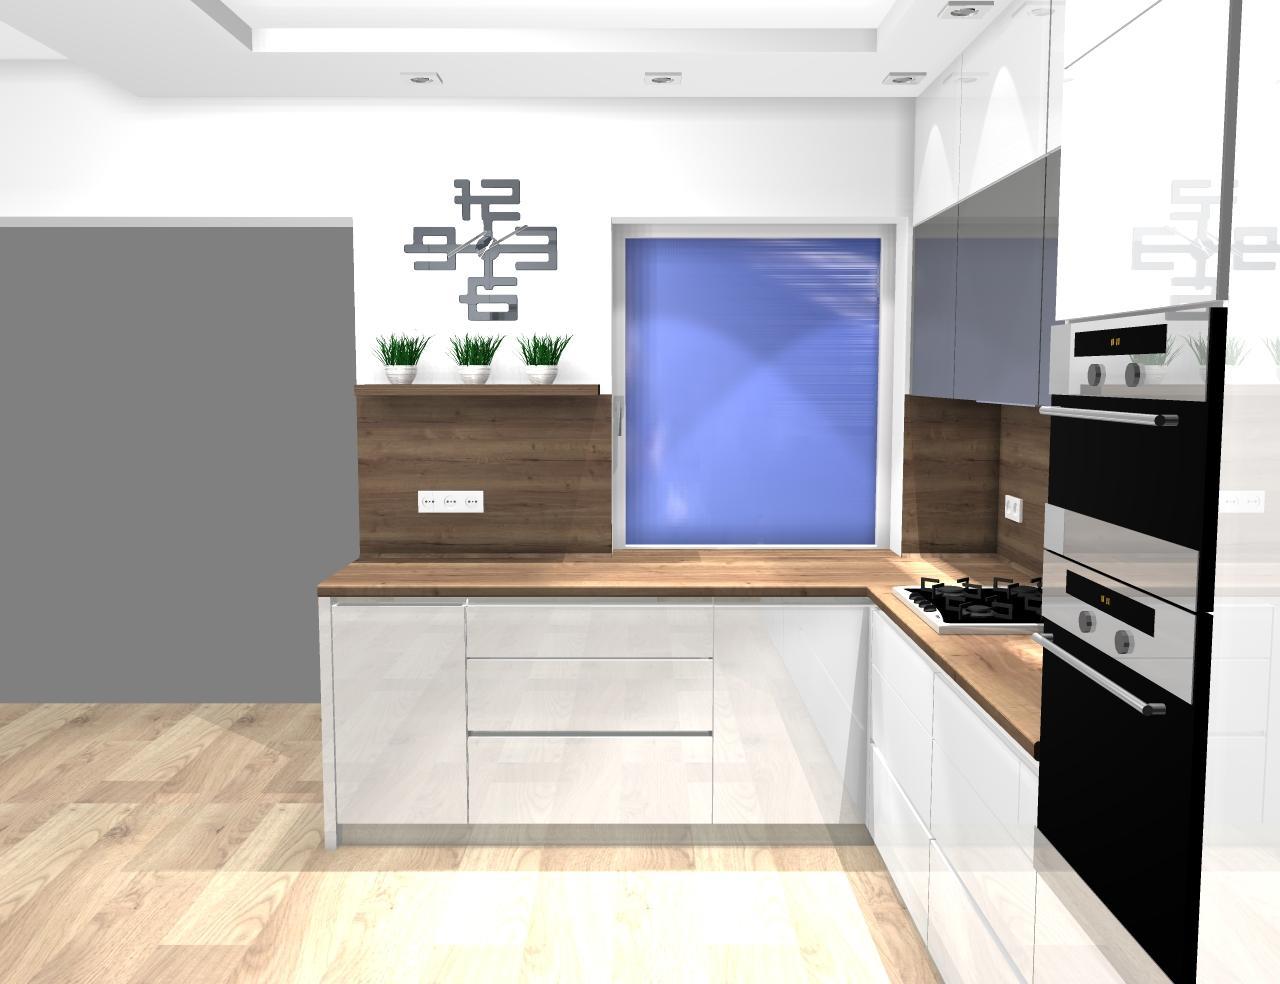 Grafické návrhy kuchynských liniek 2020 - návrh kuchynskej linky do rodinného domu -verzia 1 - obr.5